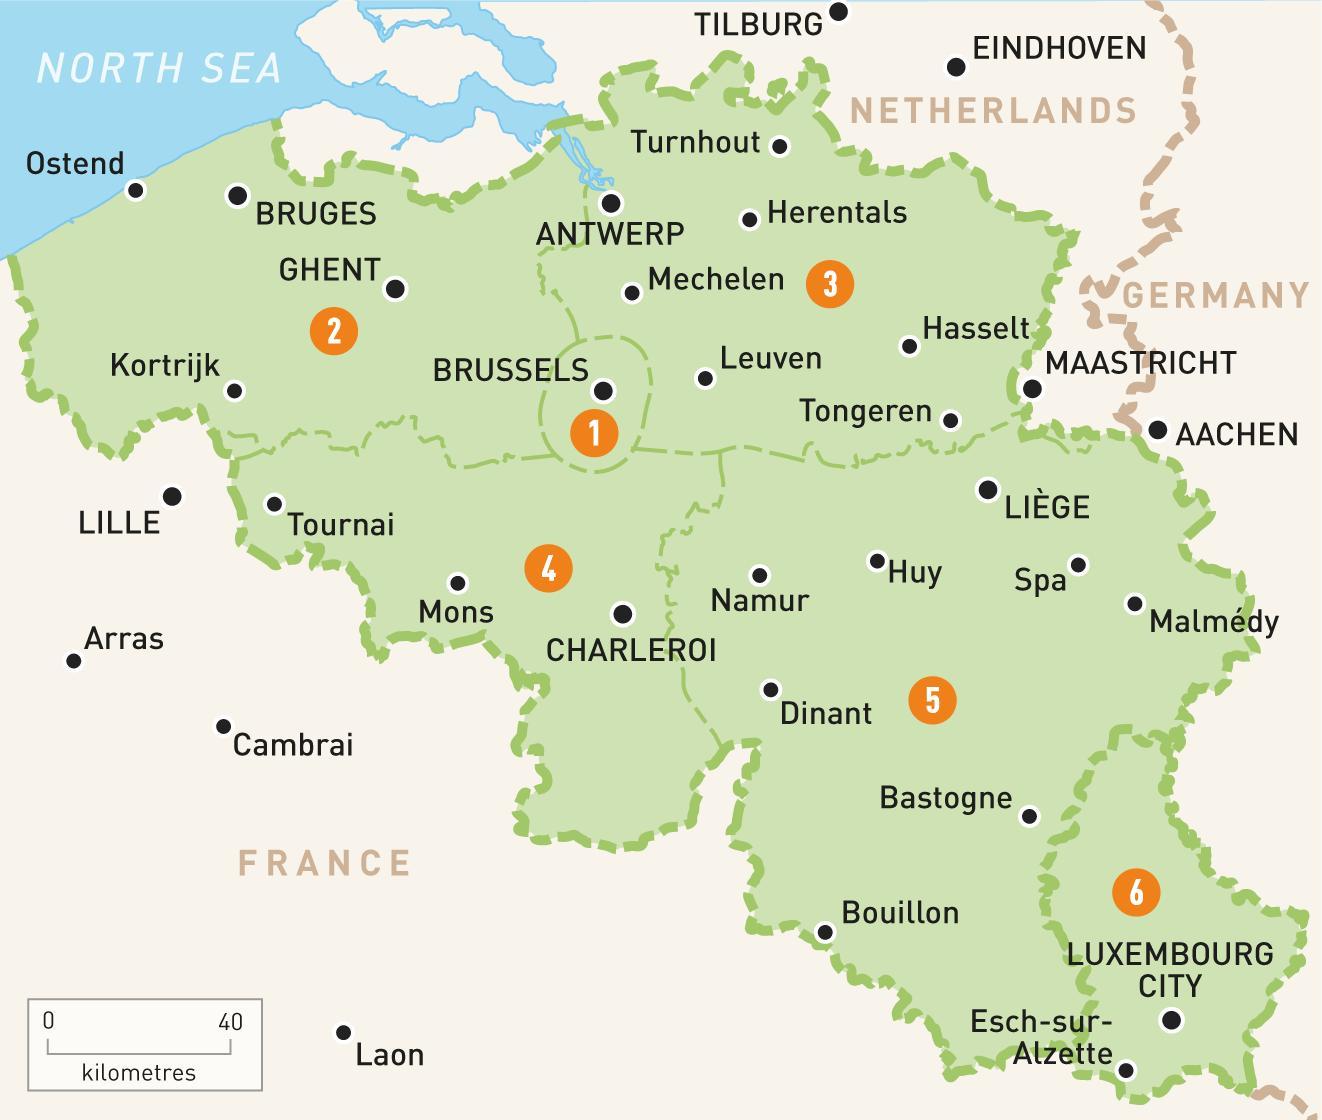 mapa de brujas y bruselas